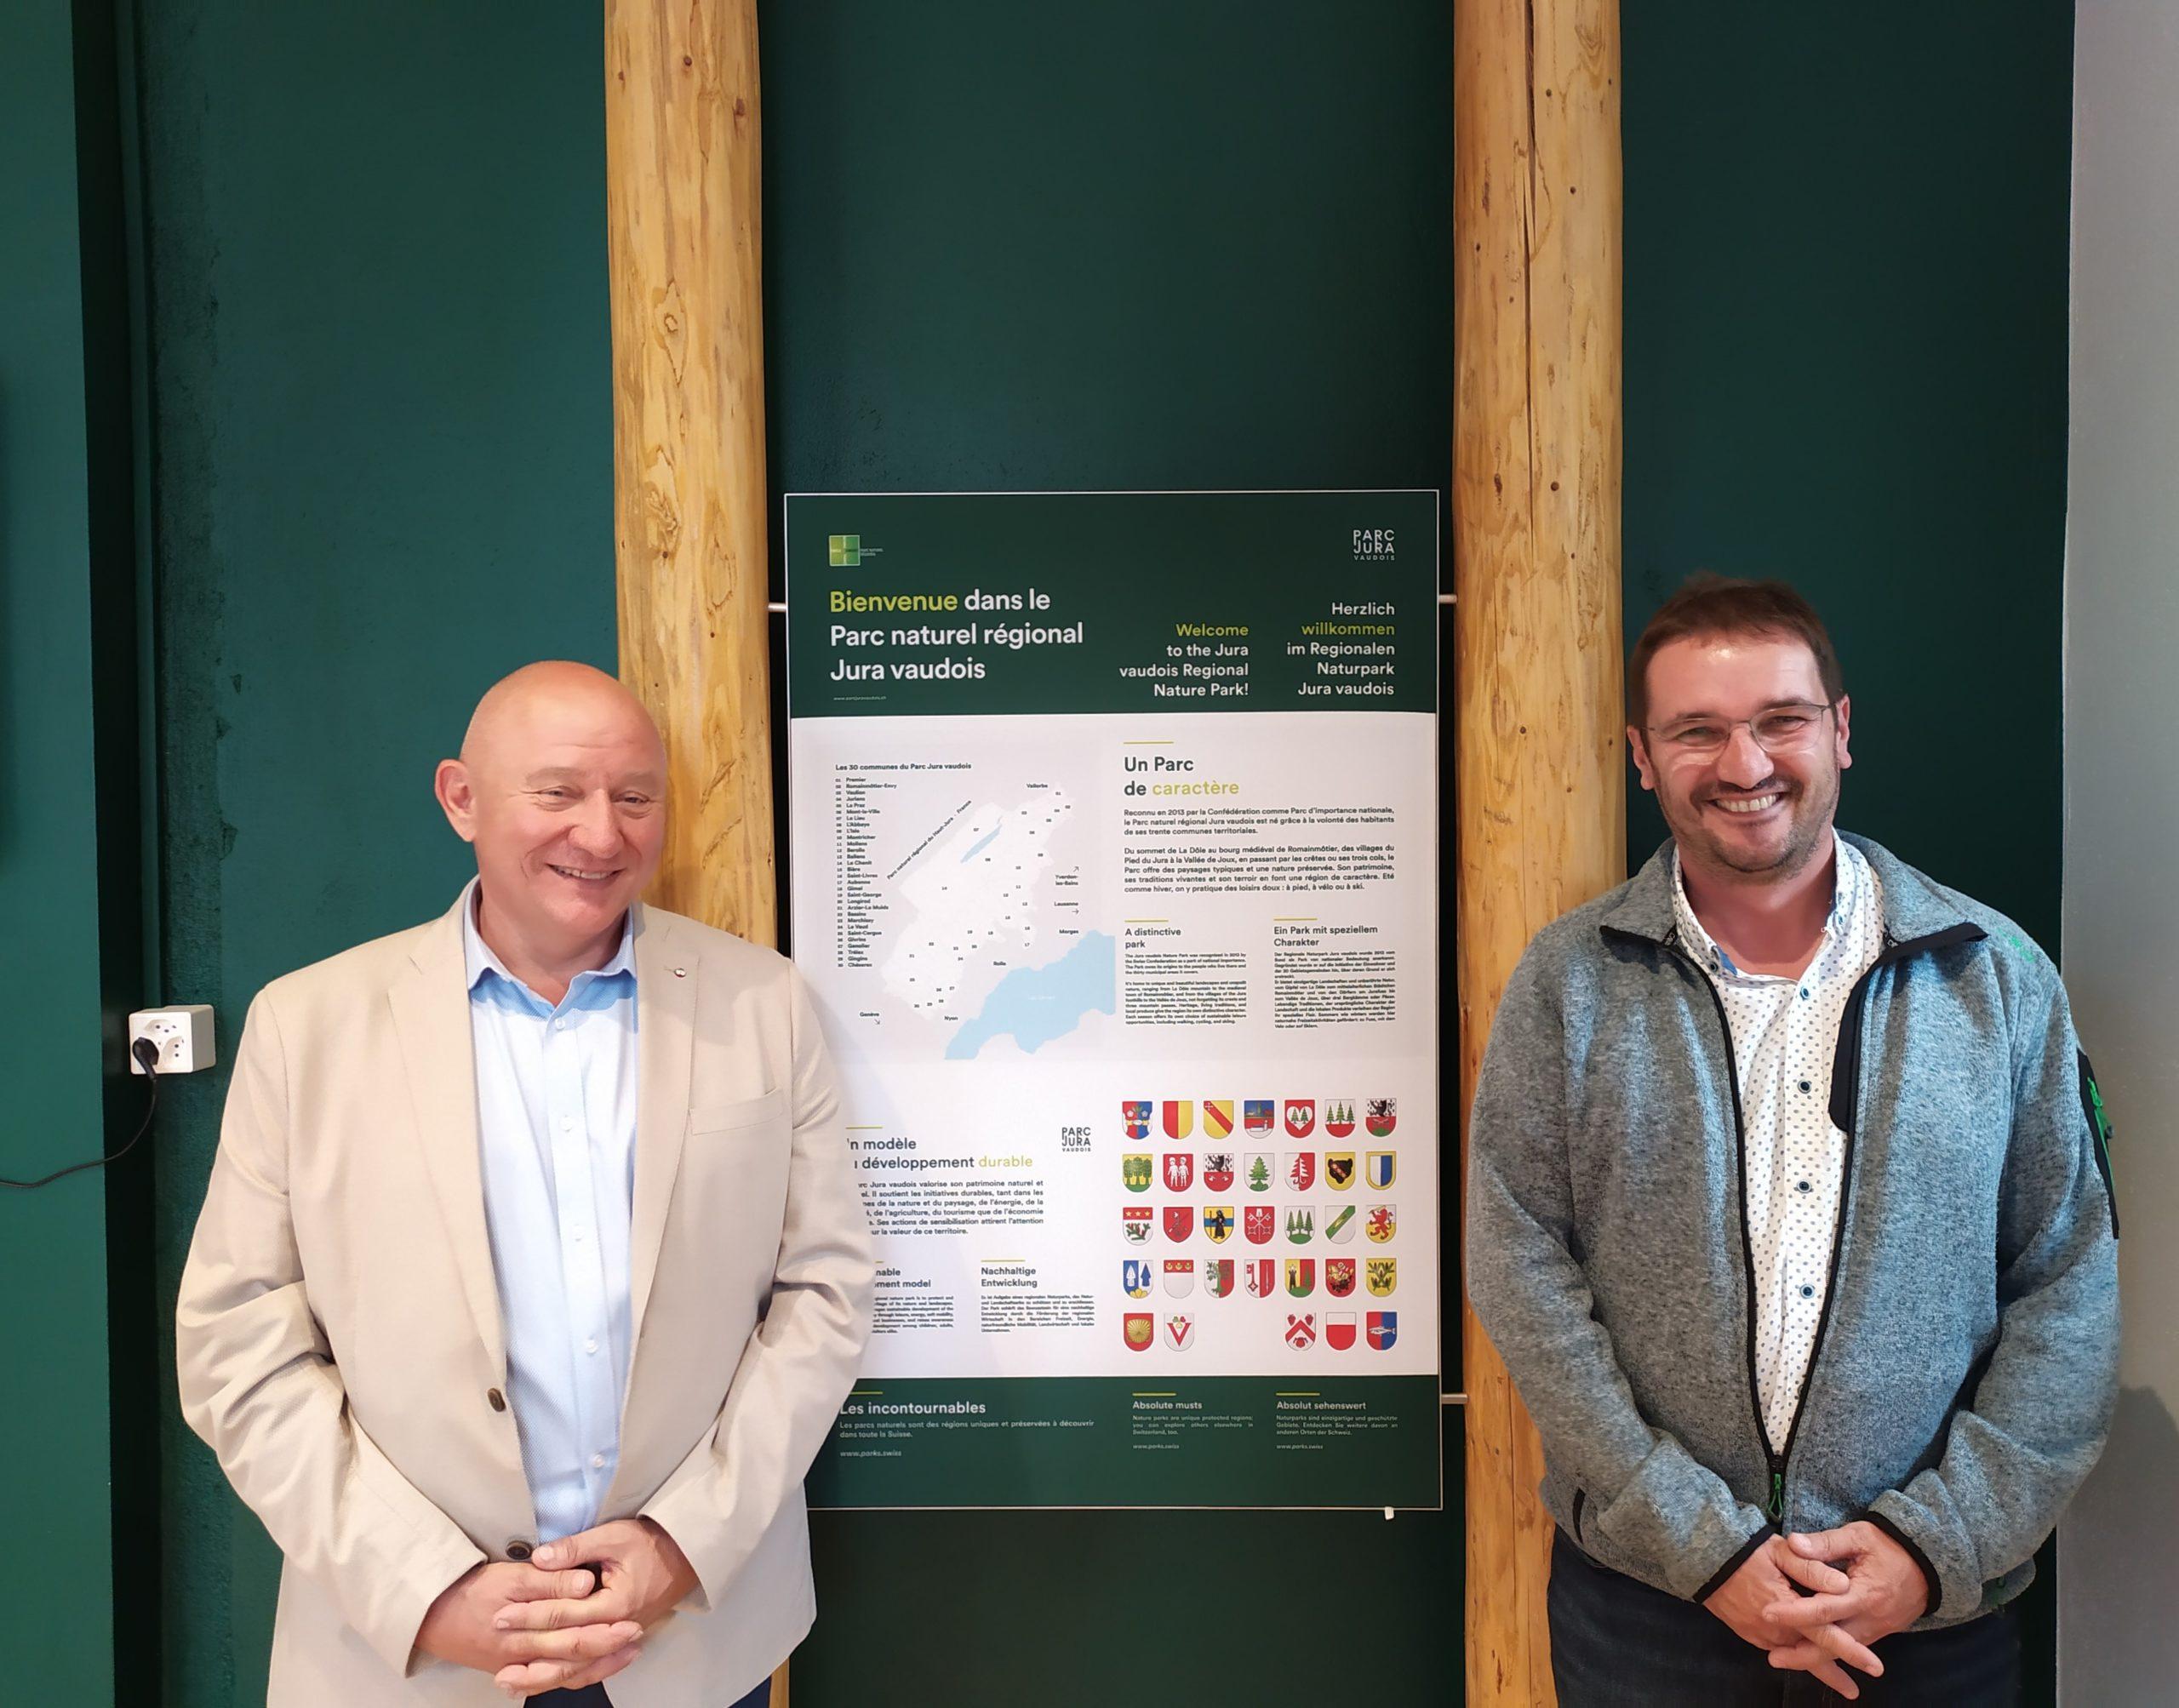 Changements dans l'organisation du Parc naturel régional Jura vaudois